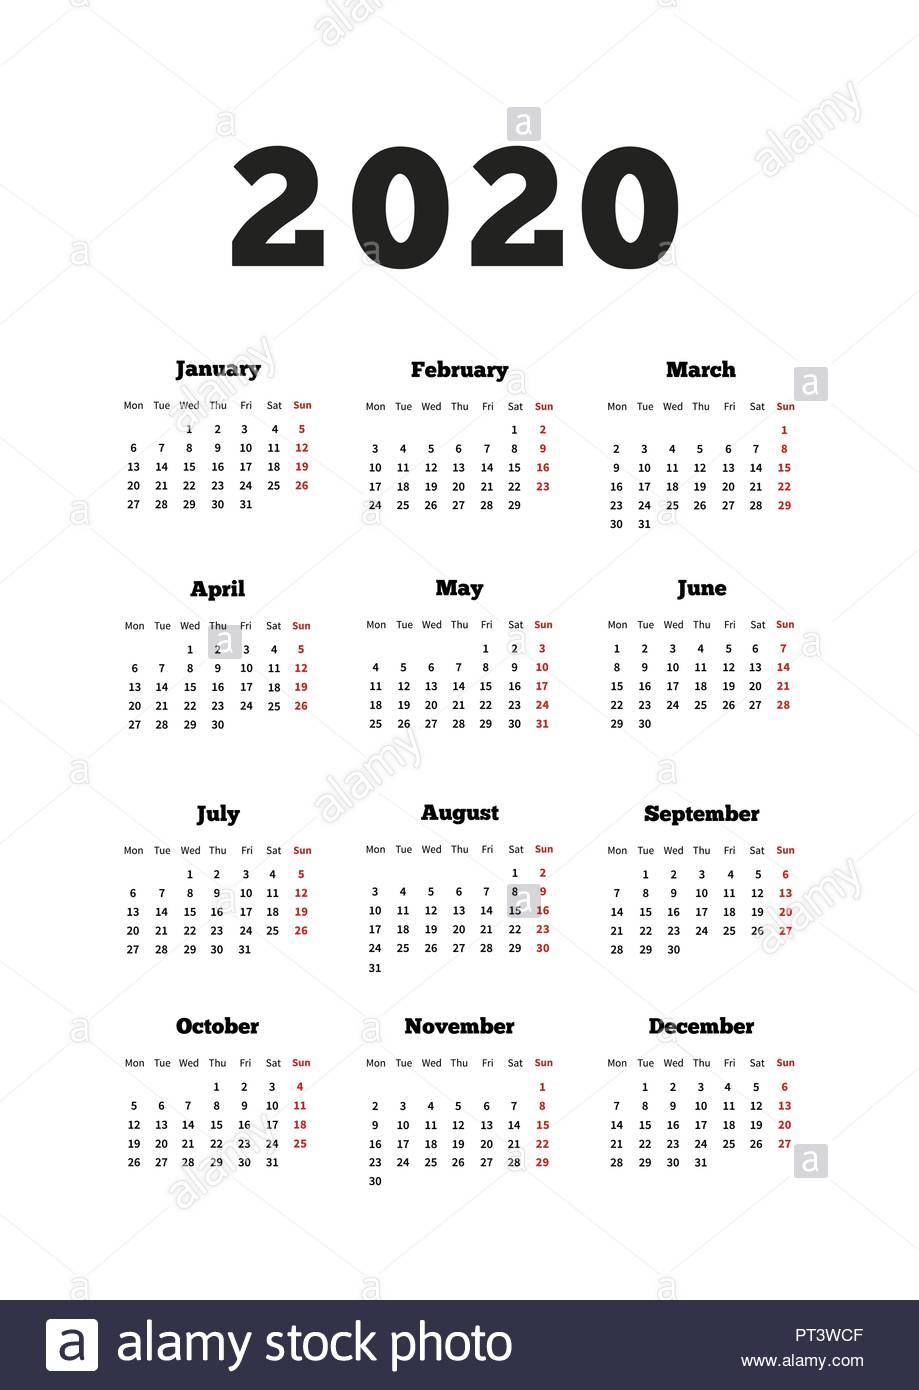 Il Calendario Del 2020 Anno Con La Settimana A Partire Da Lunedì